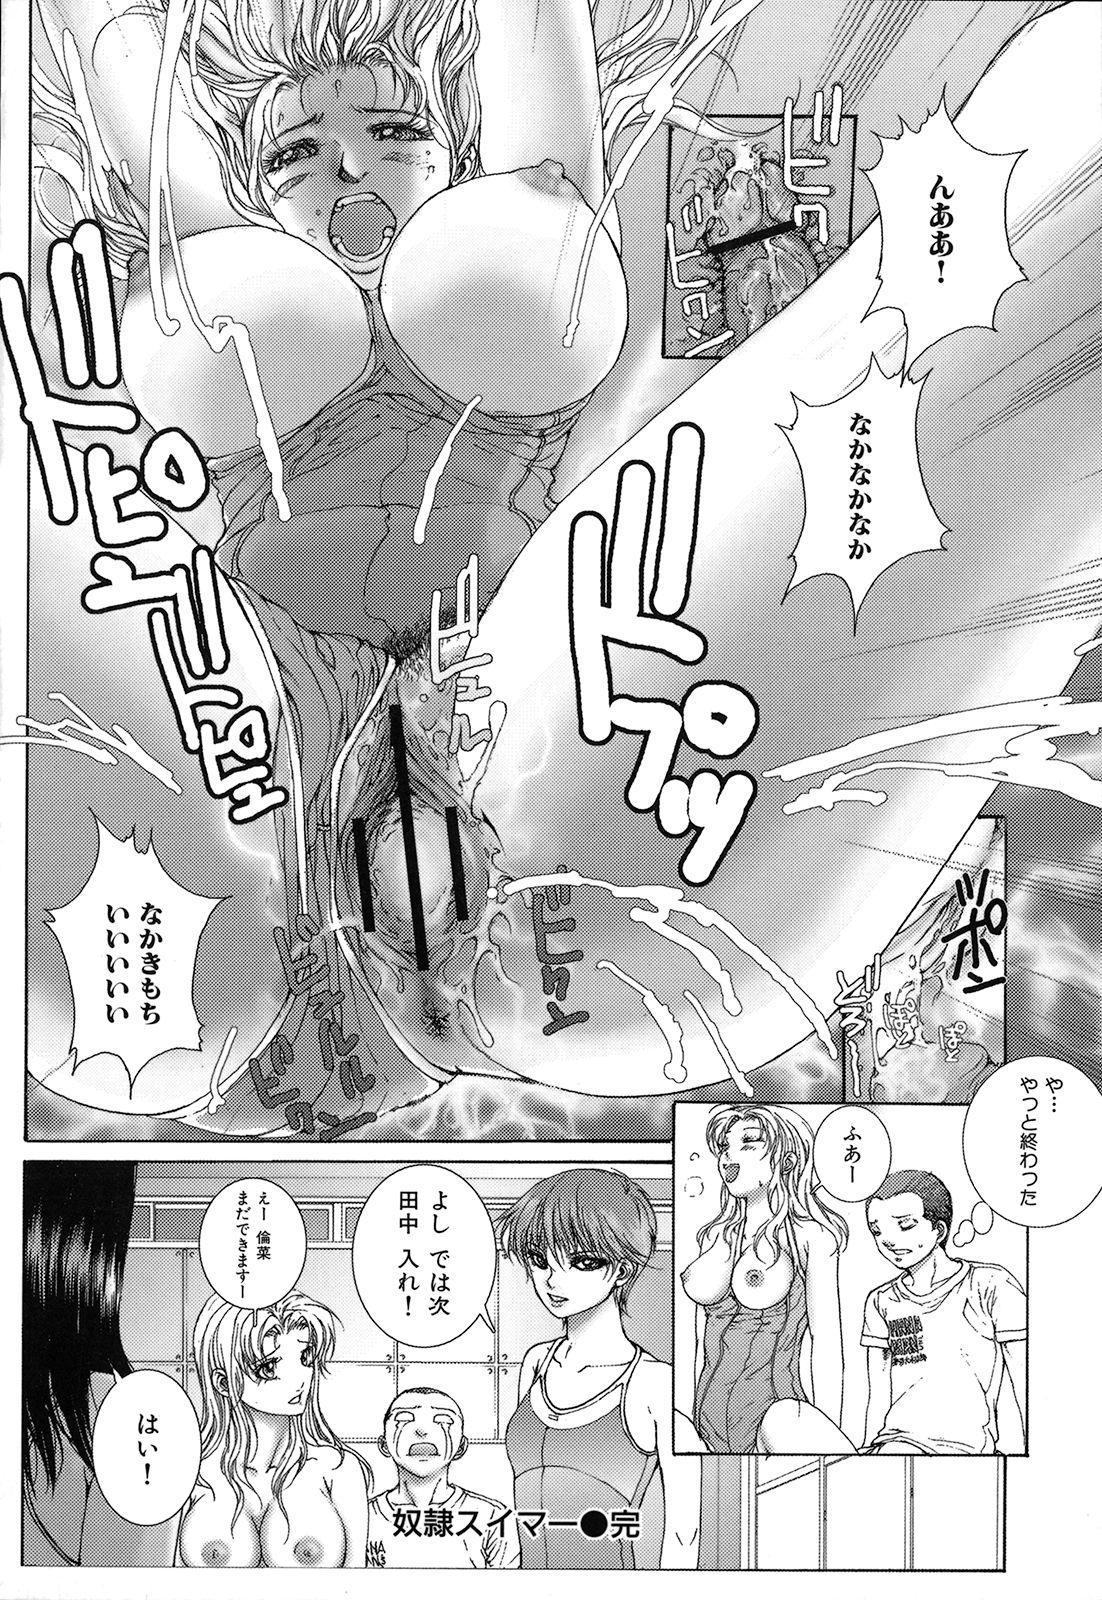 Kou Musume 85